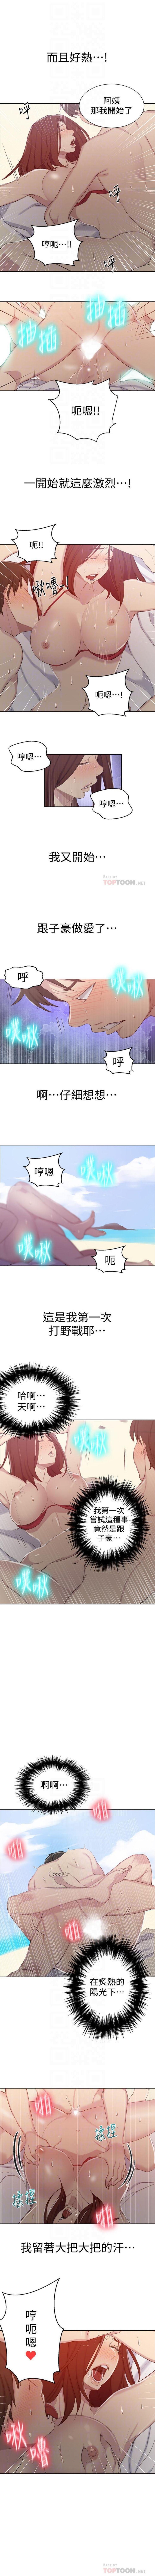 秘密教學  1-55 官方中文(連載中) 390